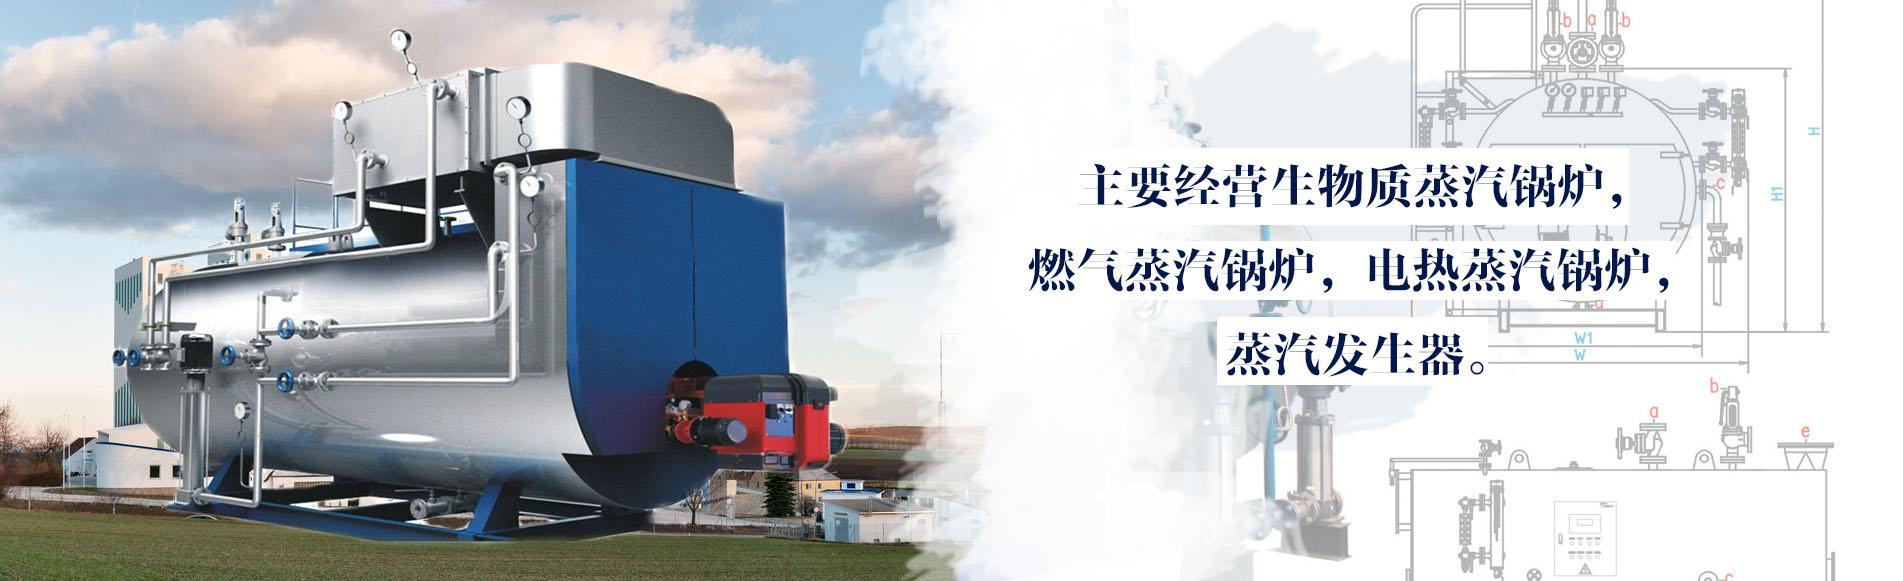 乐山竹通锅炉有限公司